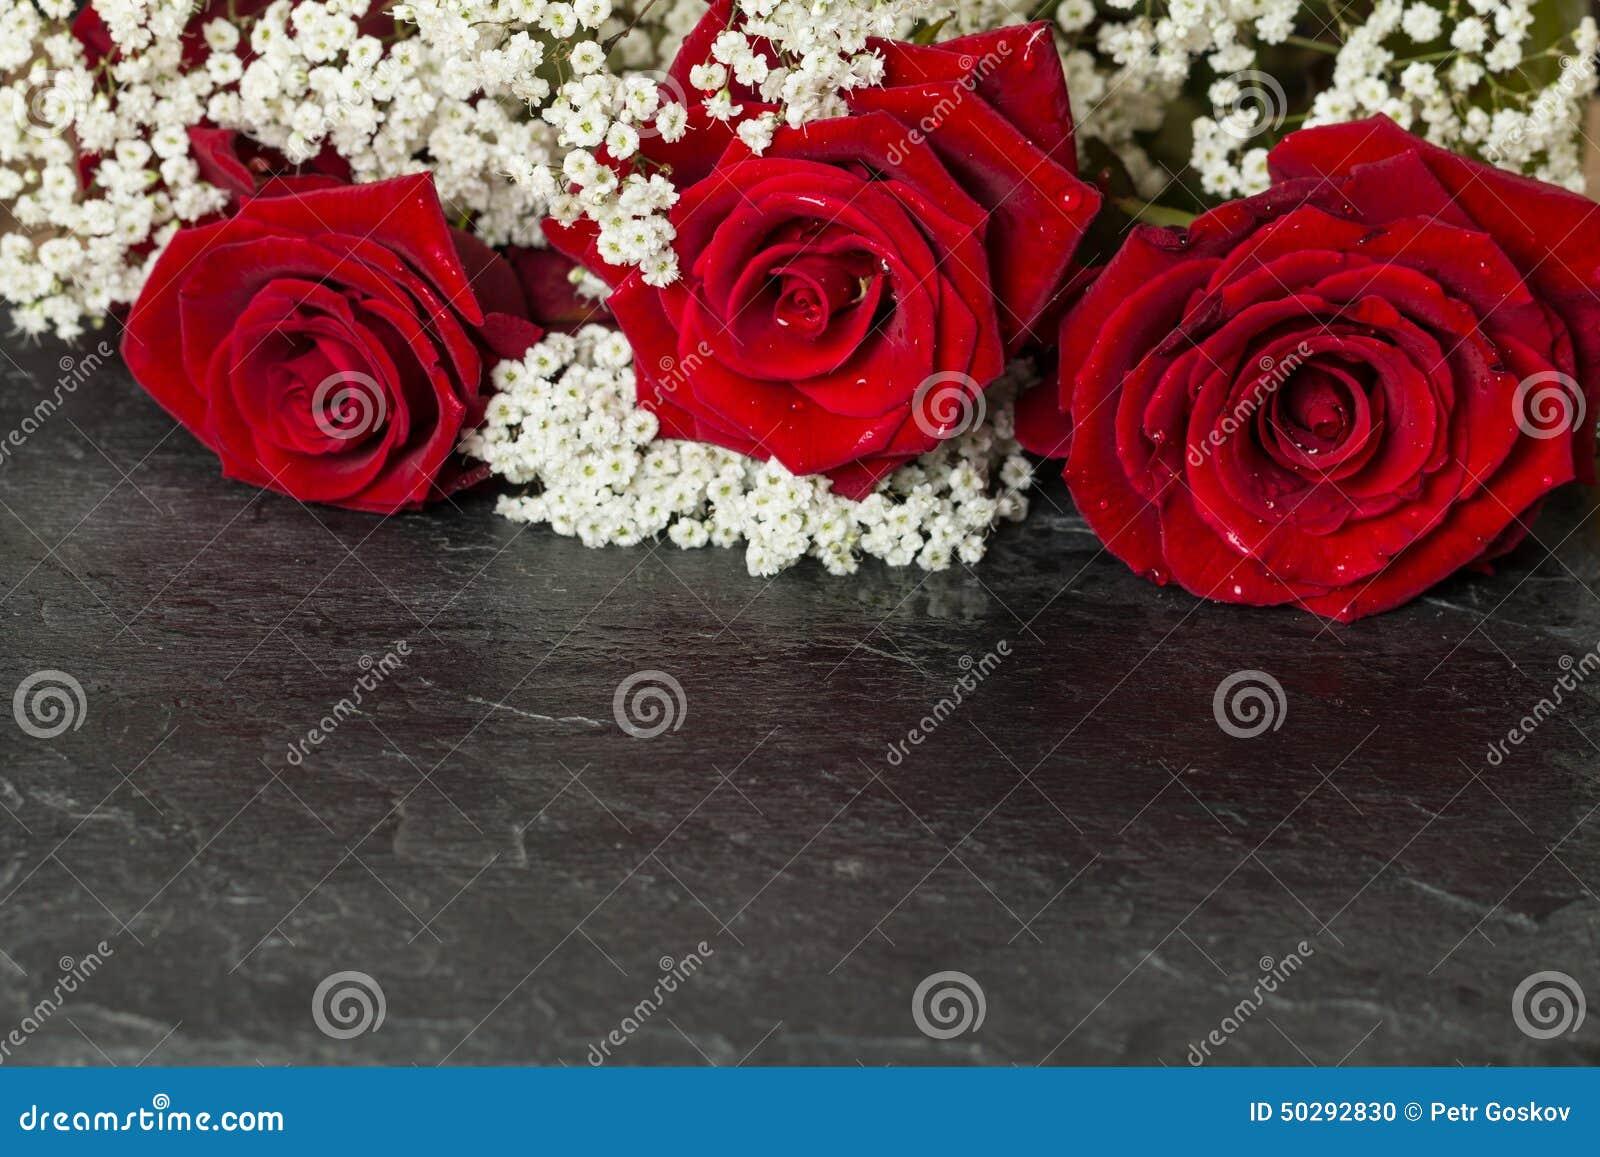 Букет с яркими красными розами